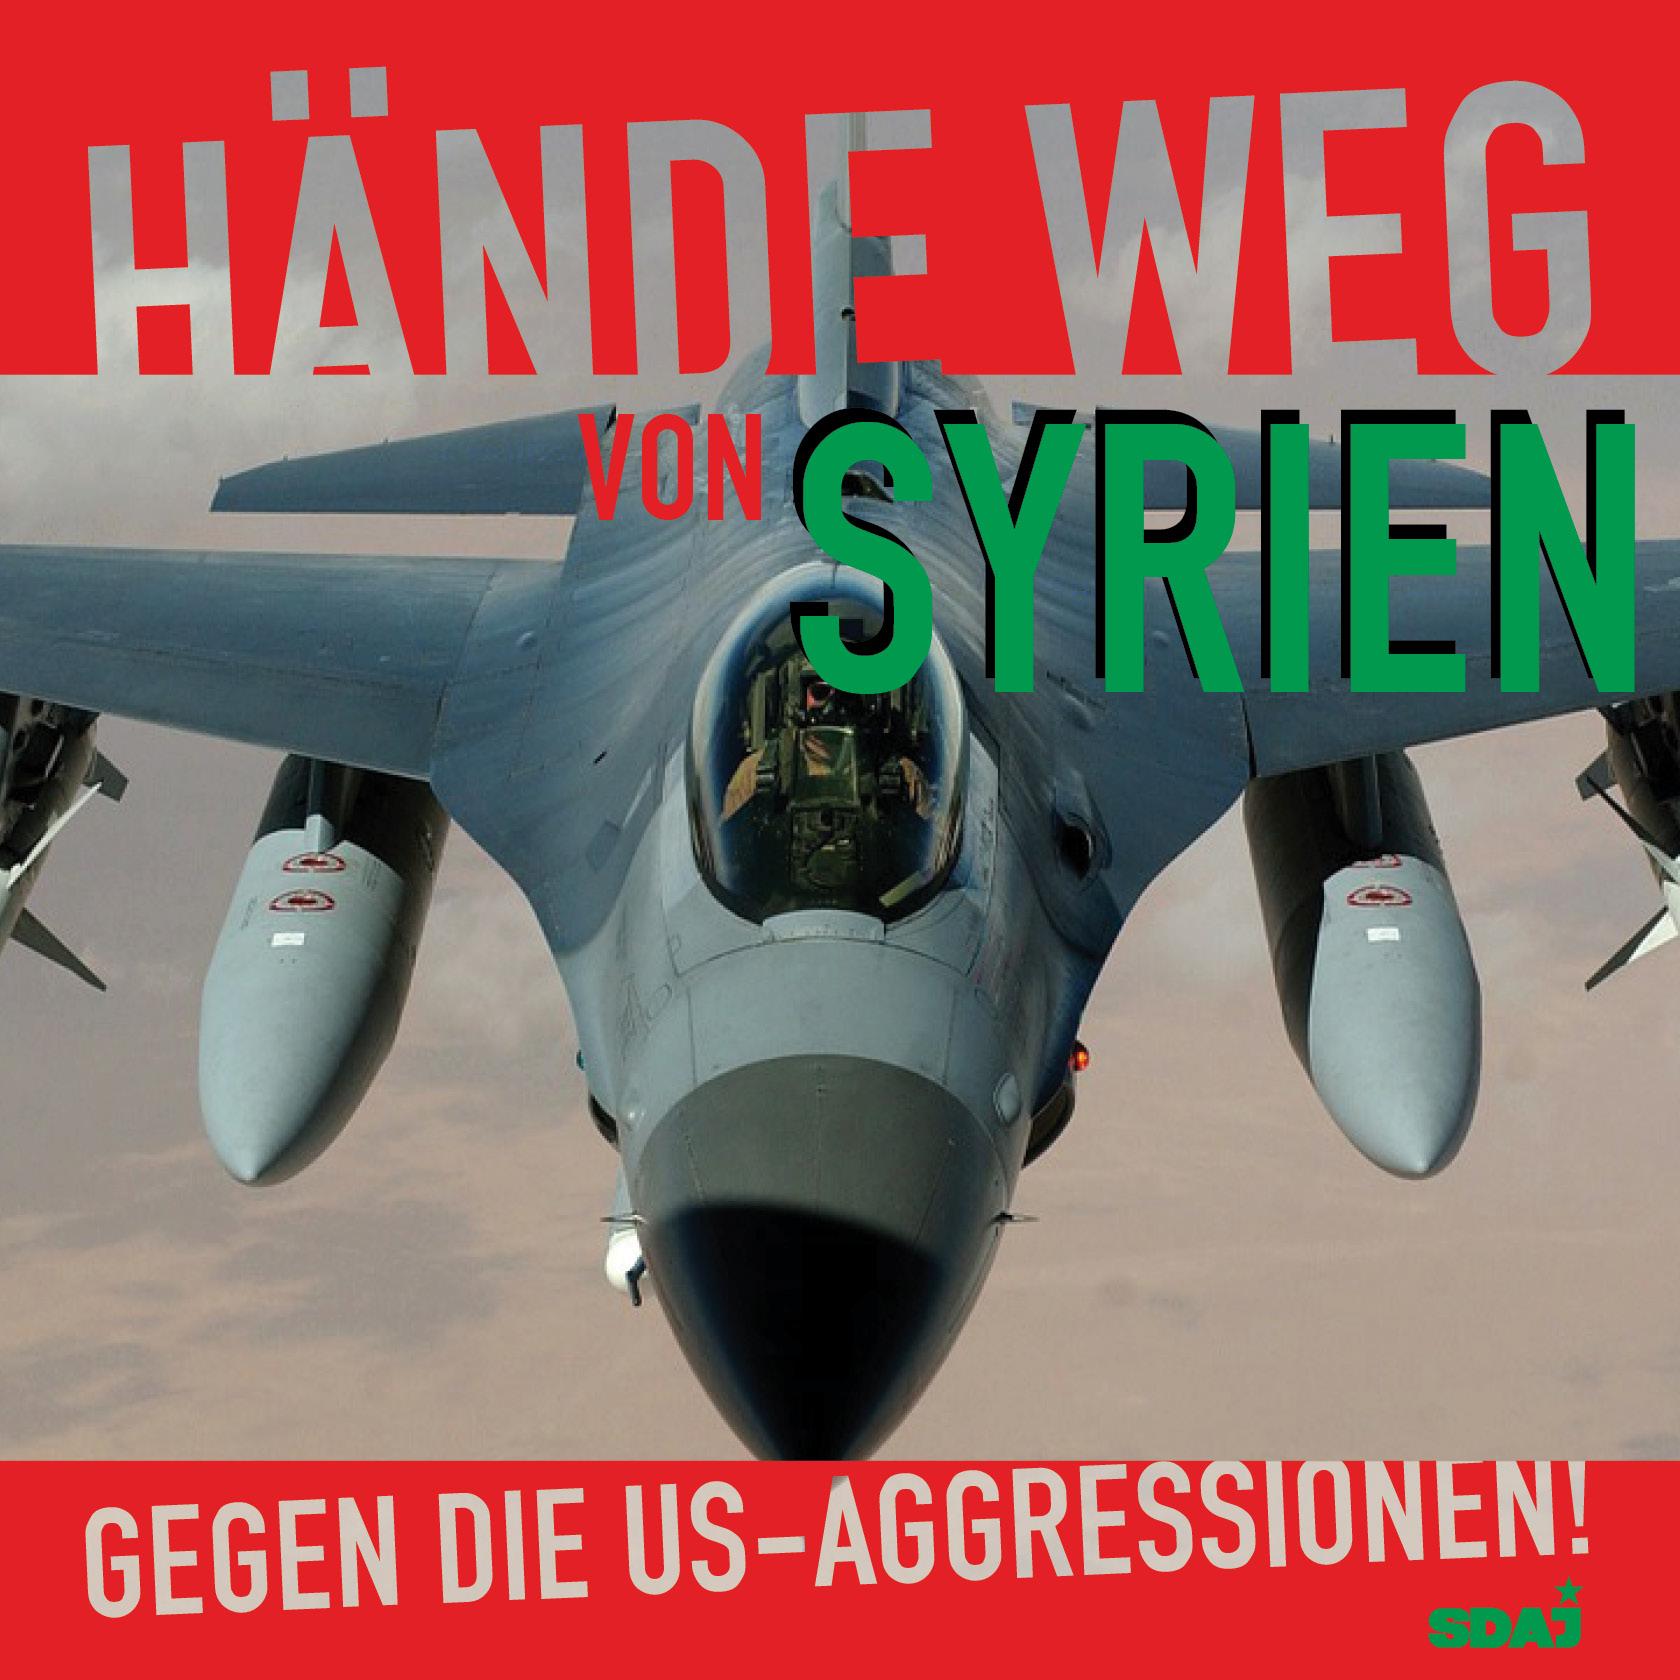 Gegen die US-Aggressionen in Syrien!